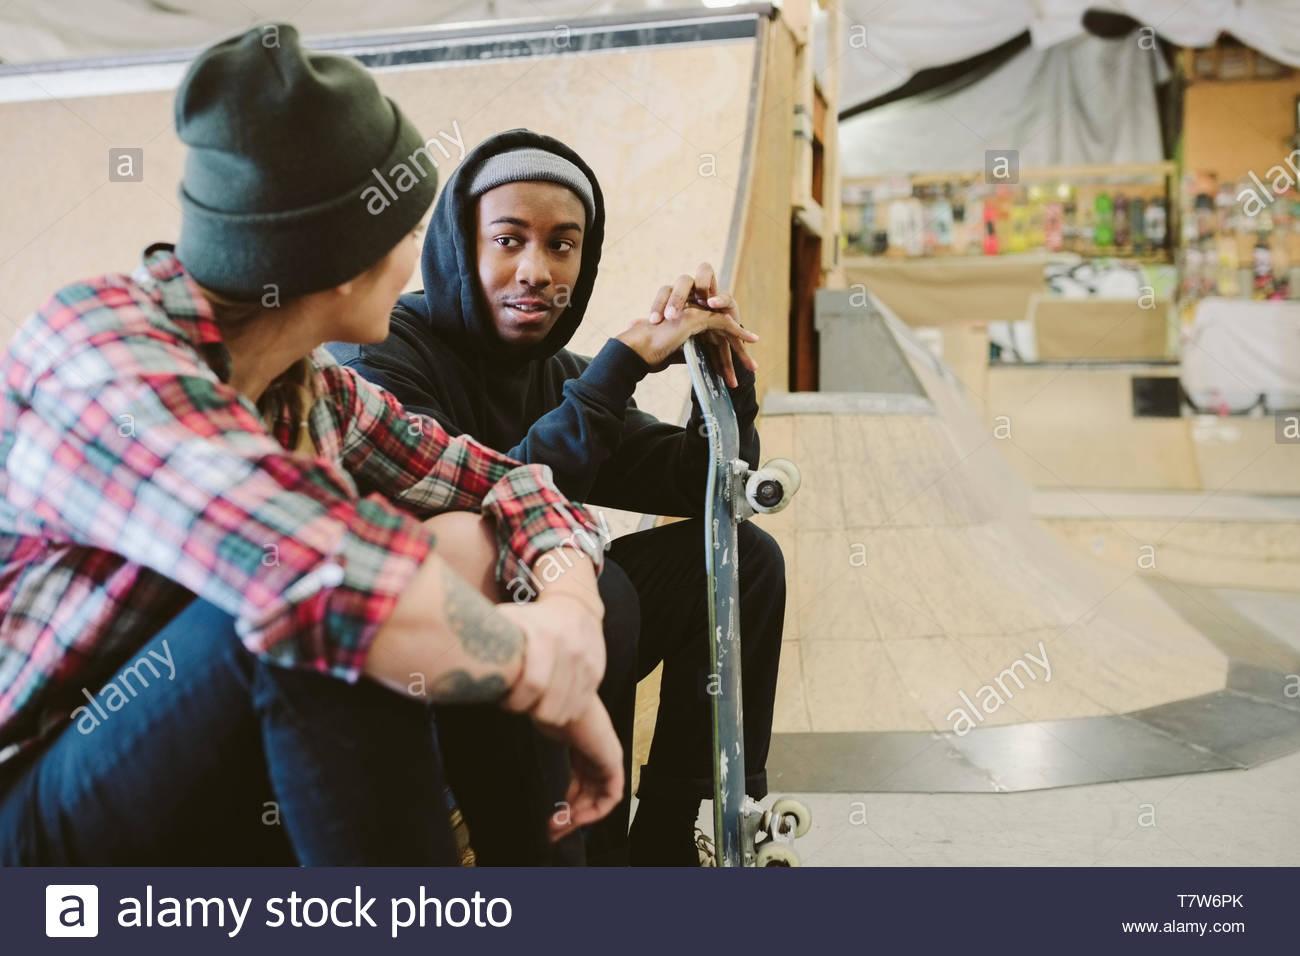 Freunde reden indoor Skatepark Stockbild